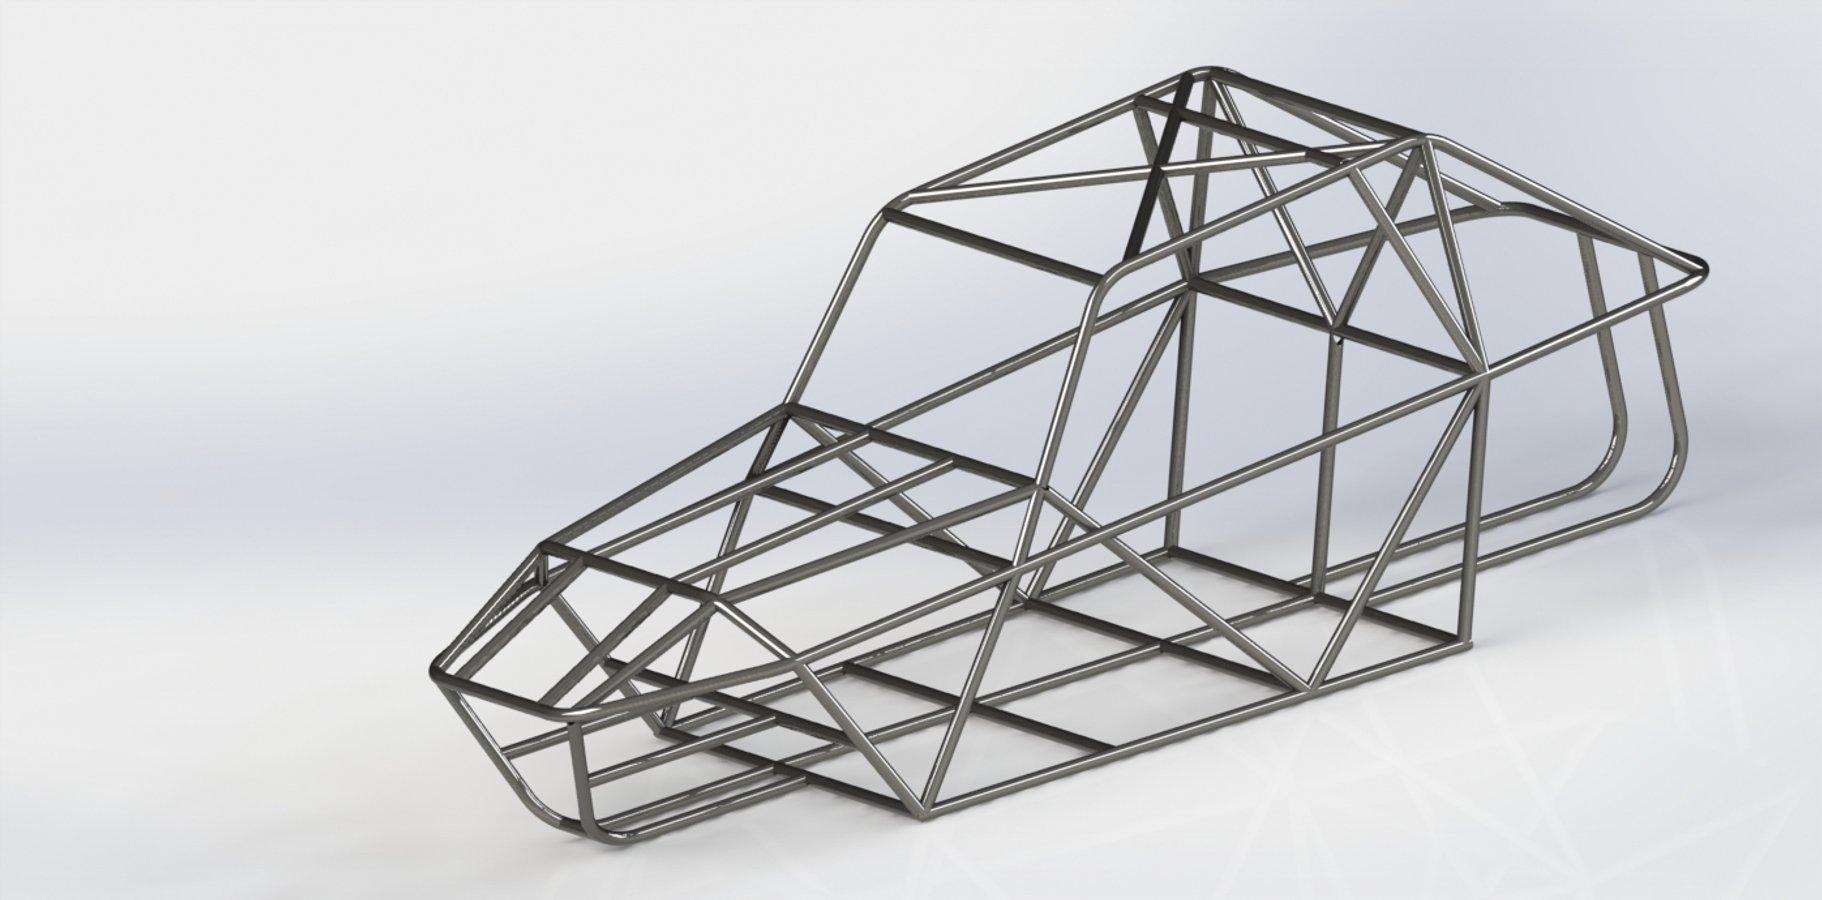 Як і з чого побудувати авто для бездоріжжя (баггі) своїми руками за недорого